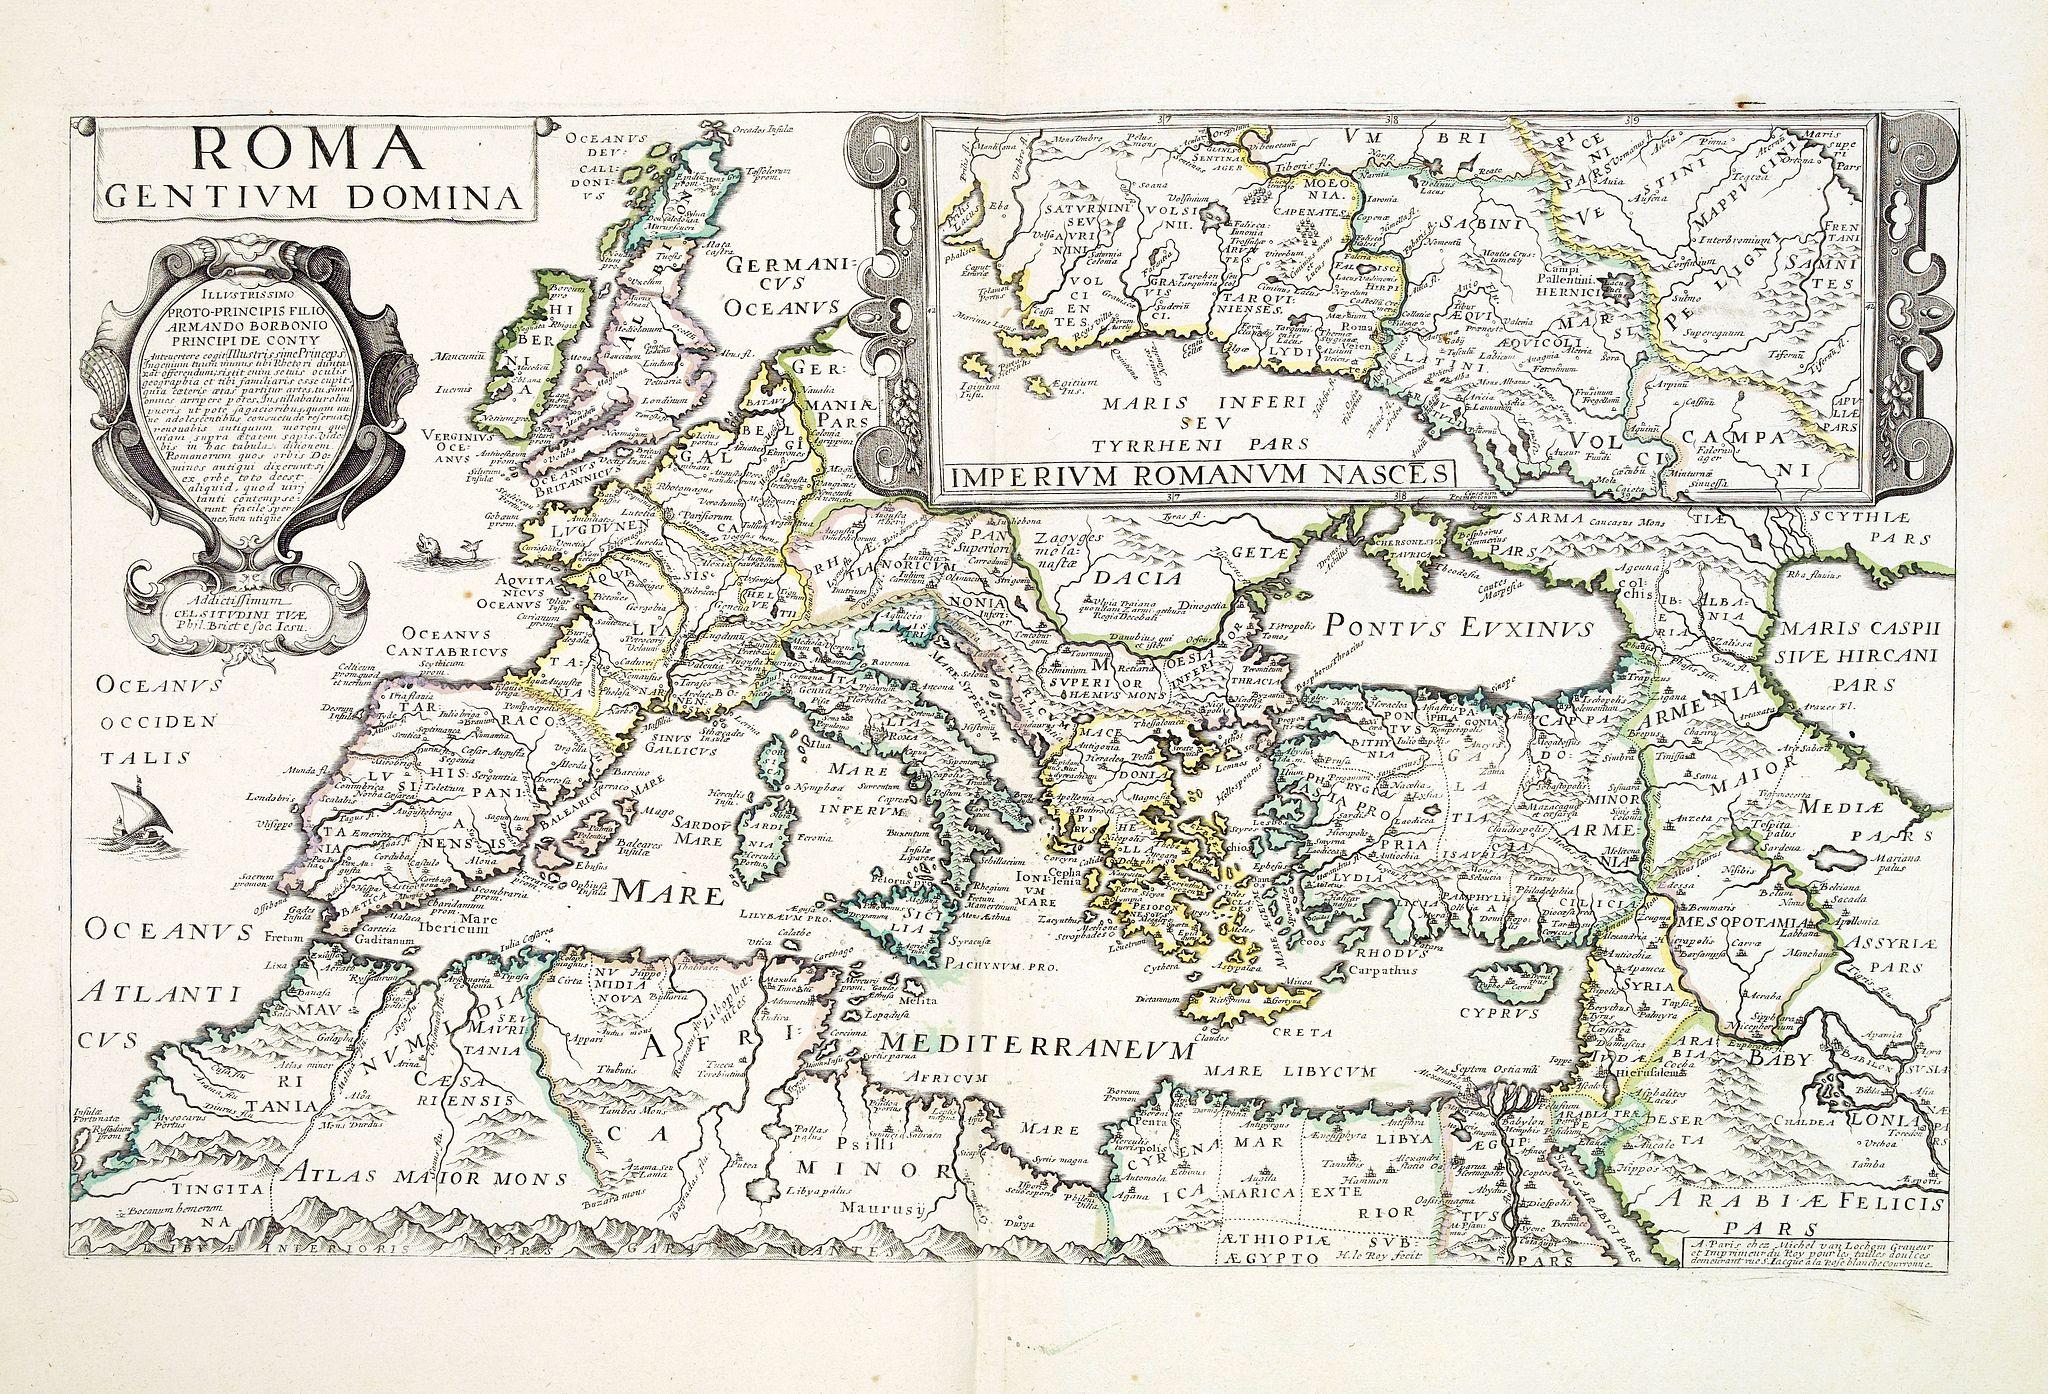 VAN LOCHEM, M. -  Roma dentium Domina.